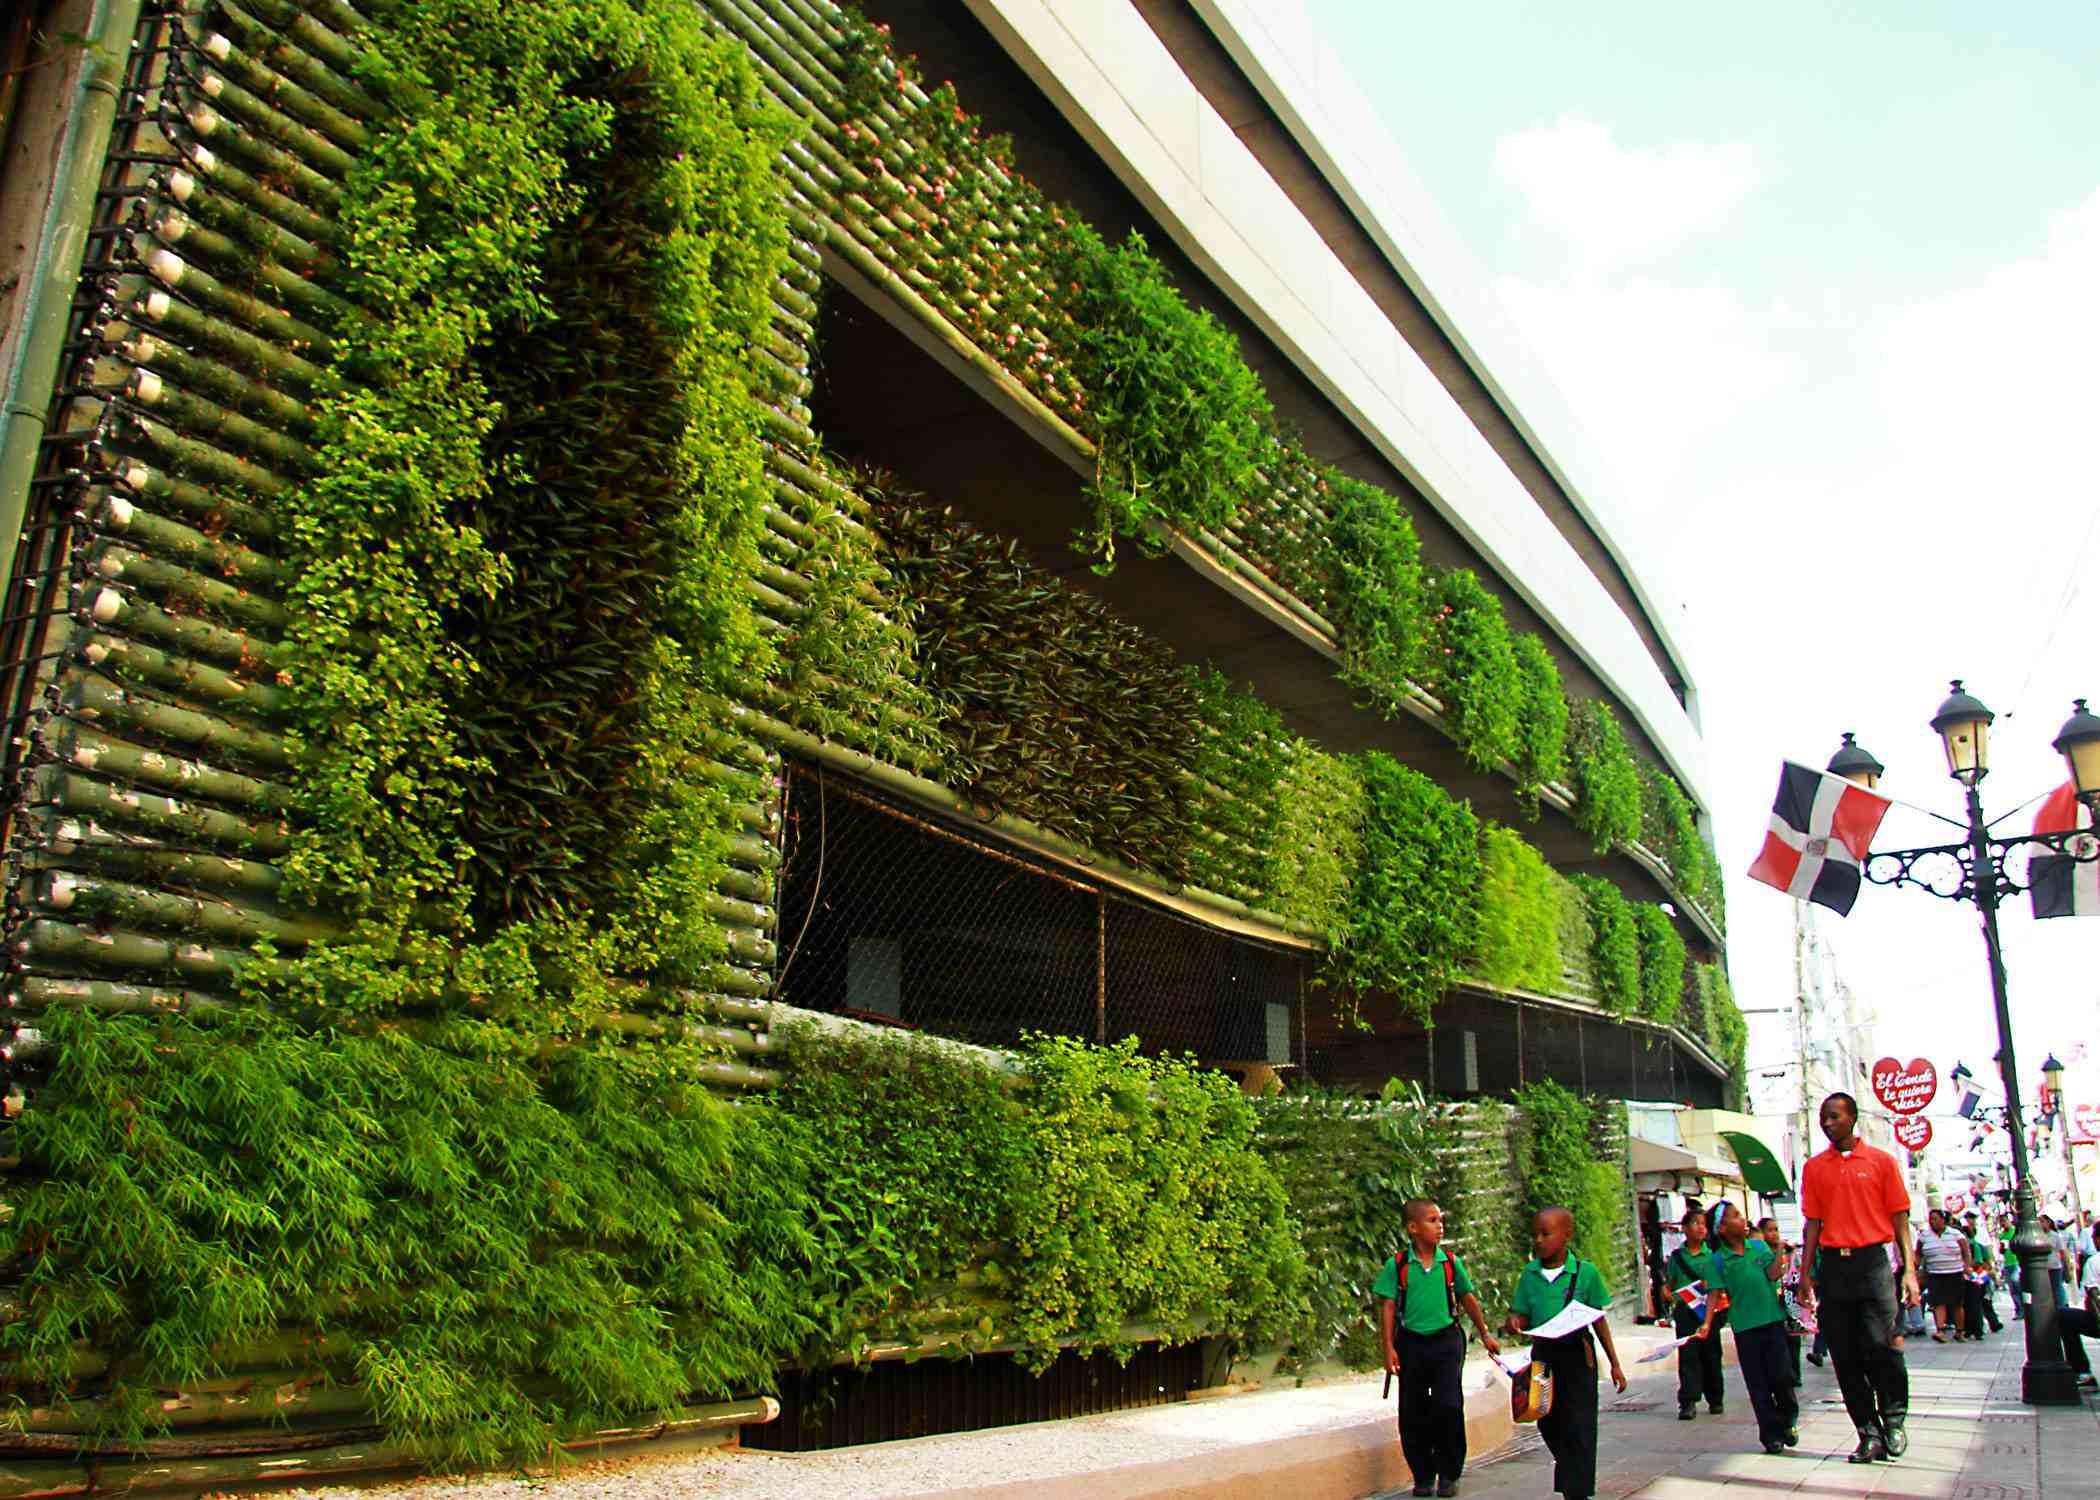 Cola cola y el ayuntamiento del distrito nacional for Edificios con jardines verticales